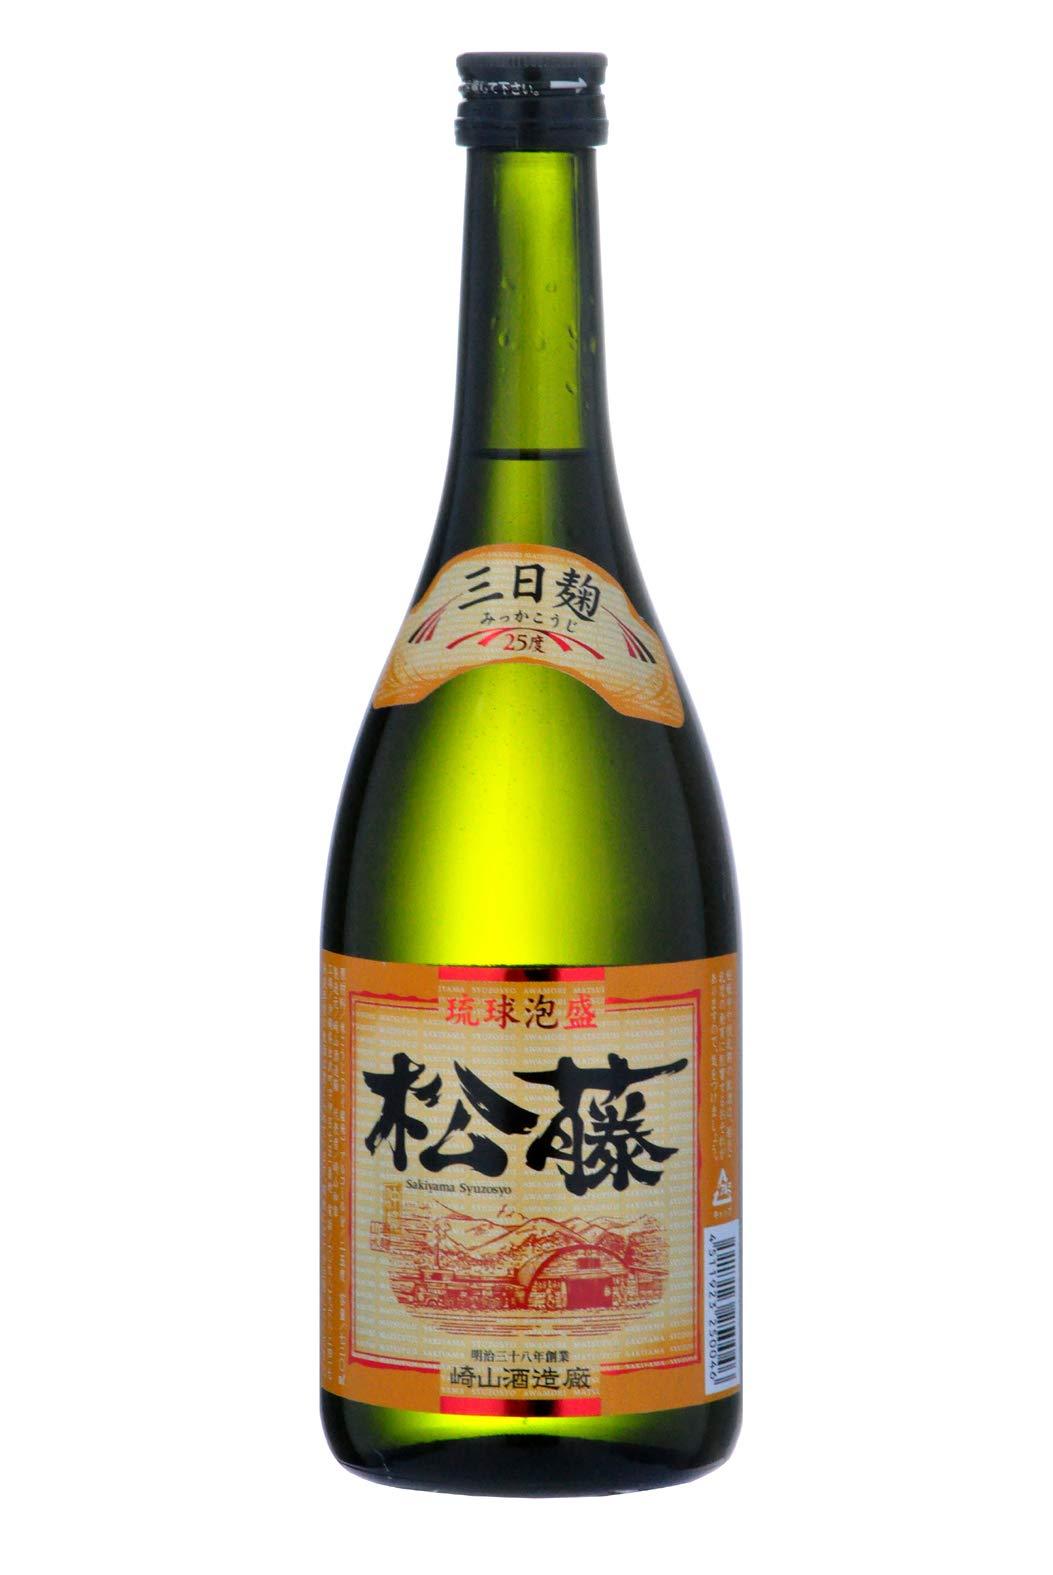 松藤 老麹山水仕込み 泡盛 瓶 25度 720ml